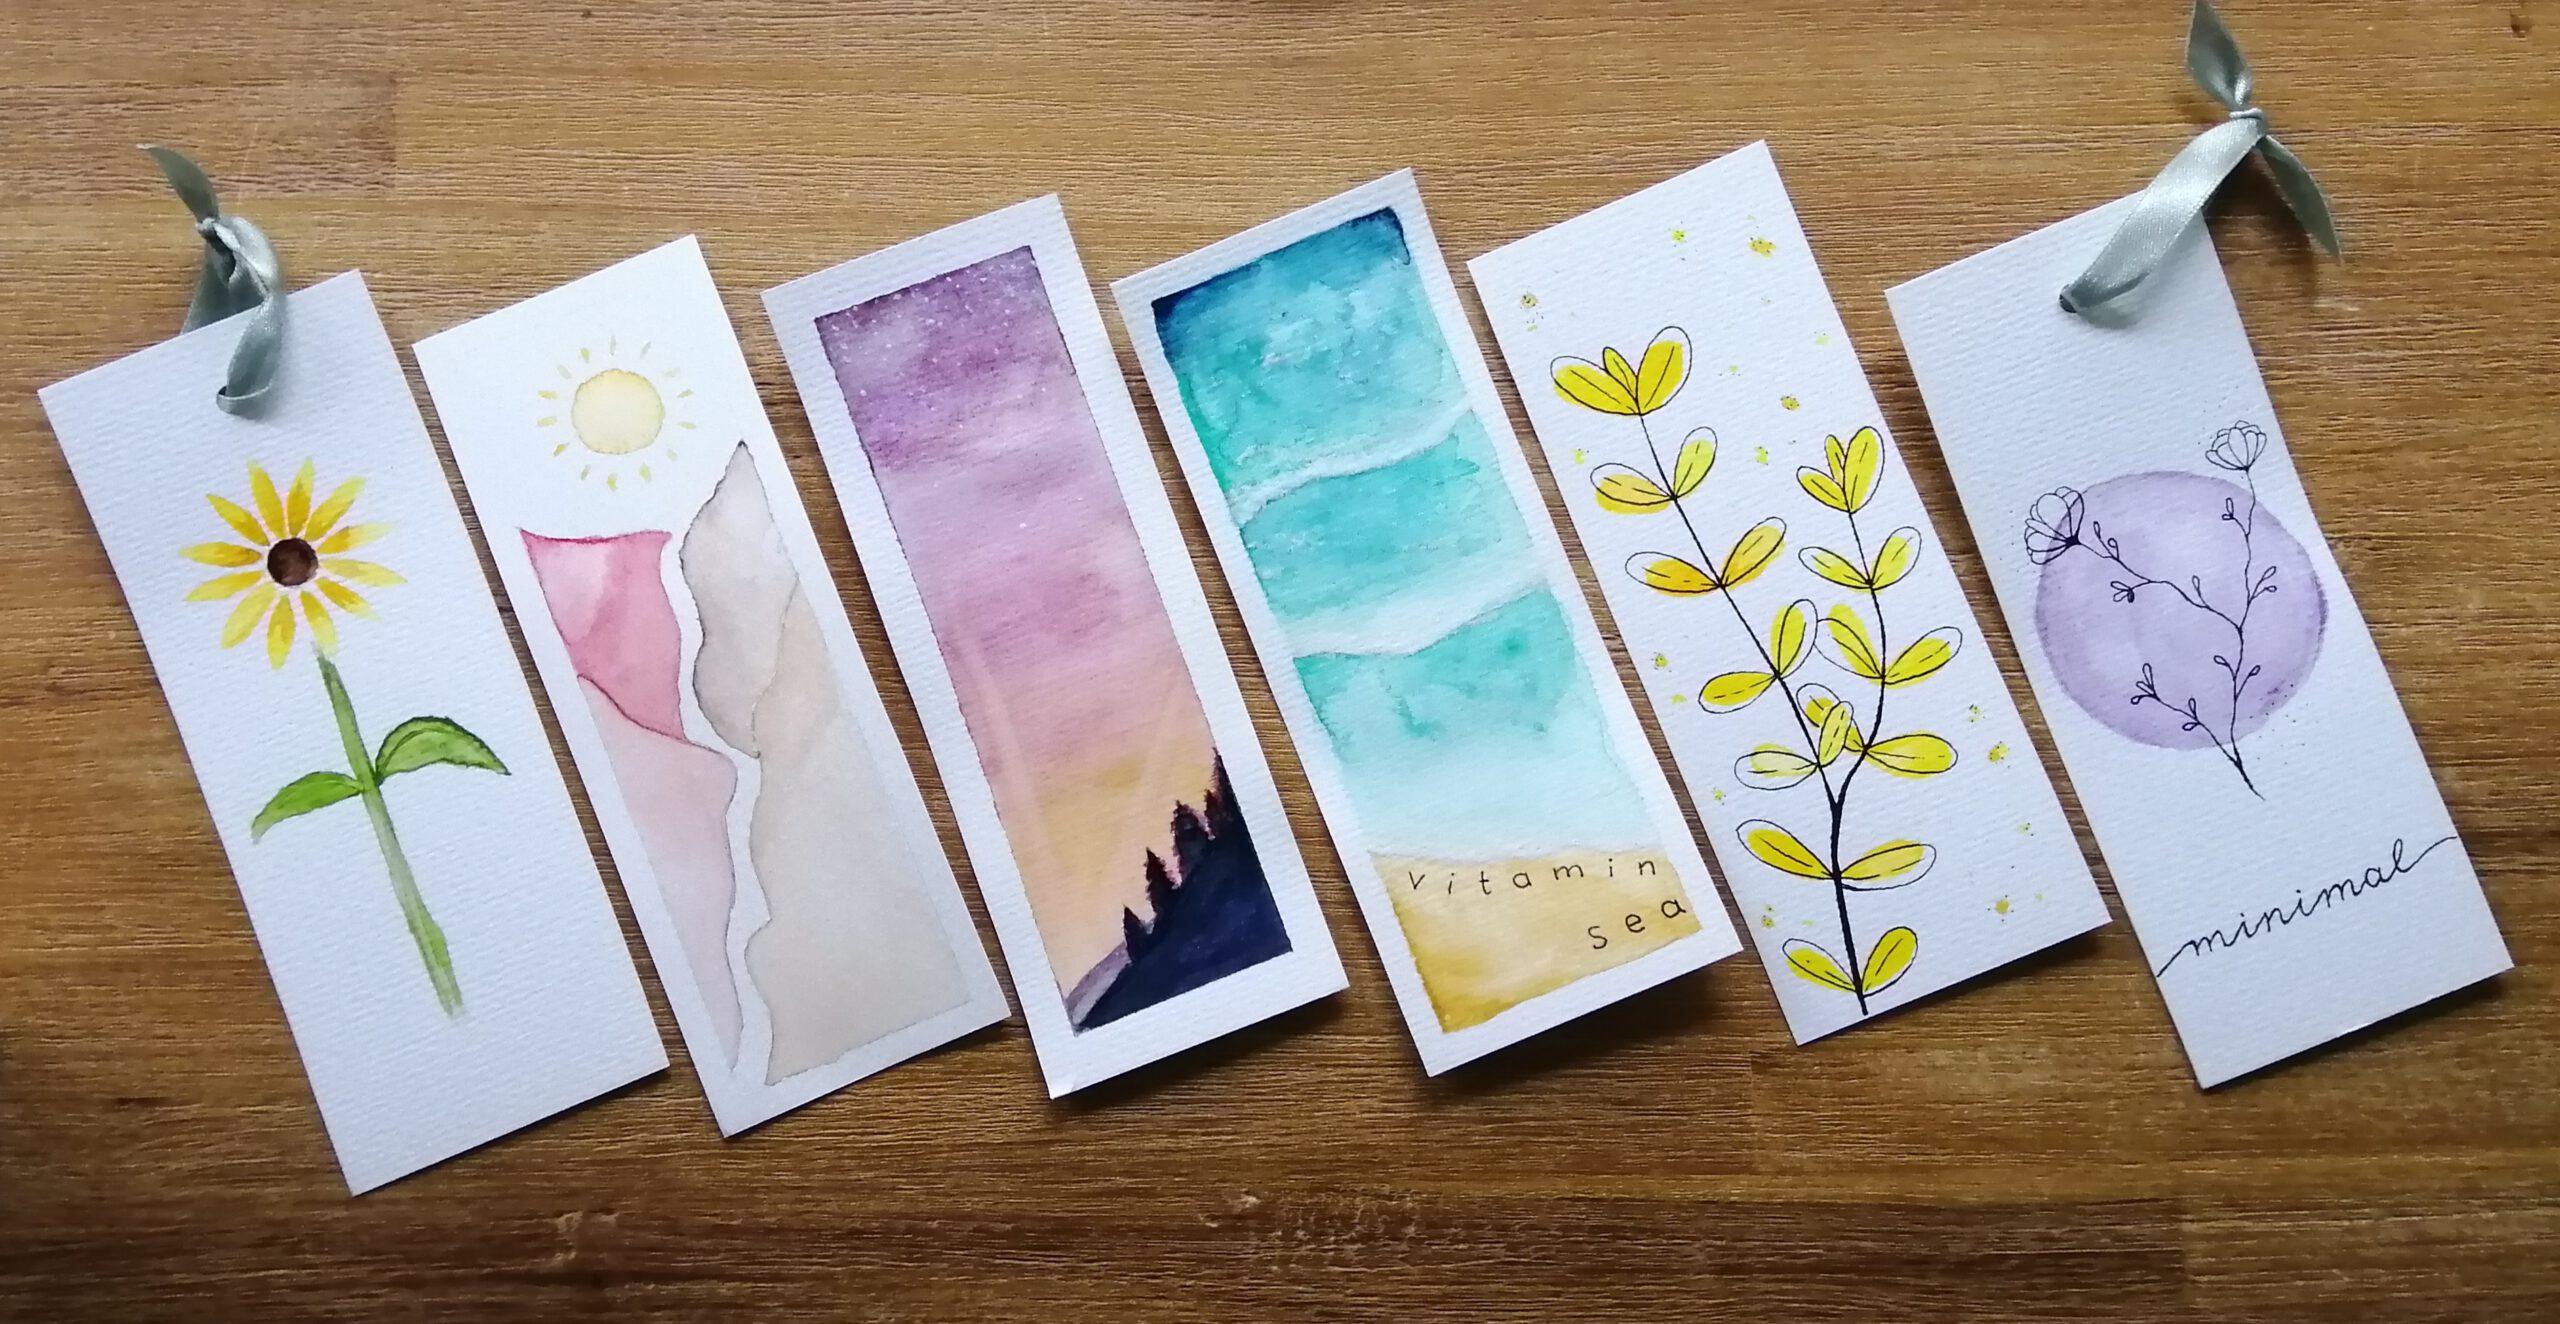 6 Lesezeichen, die Bernadettes Tochter mit Aquarellfarben selbst gestaltet hat